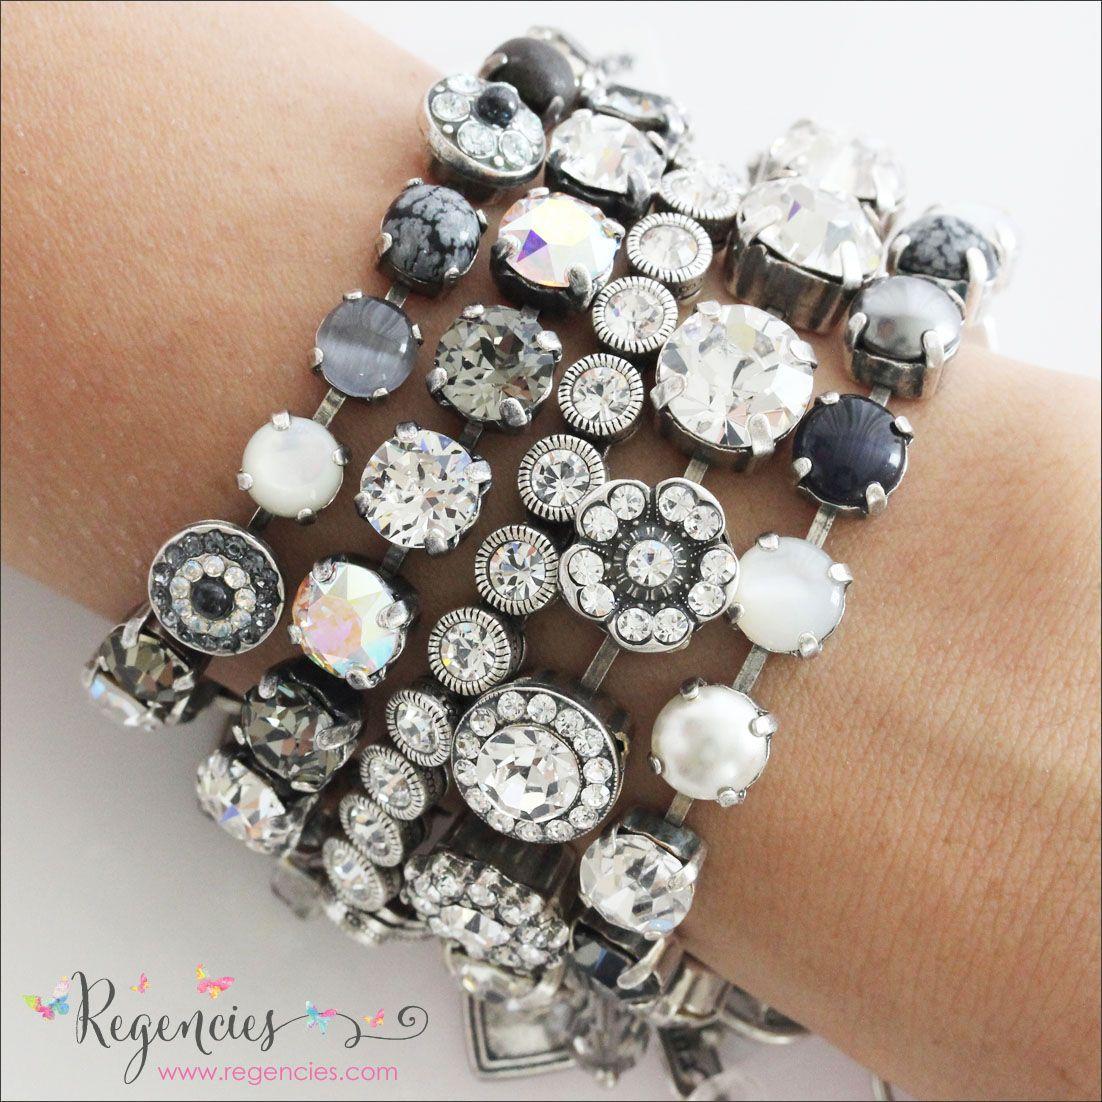 Black and white Swarovski bracelet stack. Left to right: Mariana $74.00, Catherine Popesco $70.00, Patricia Locke $175.00, Mariana $136.00, and Mariana $74.00